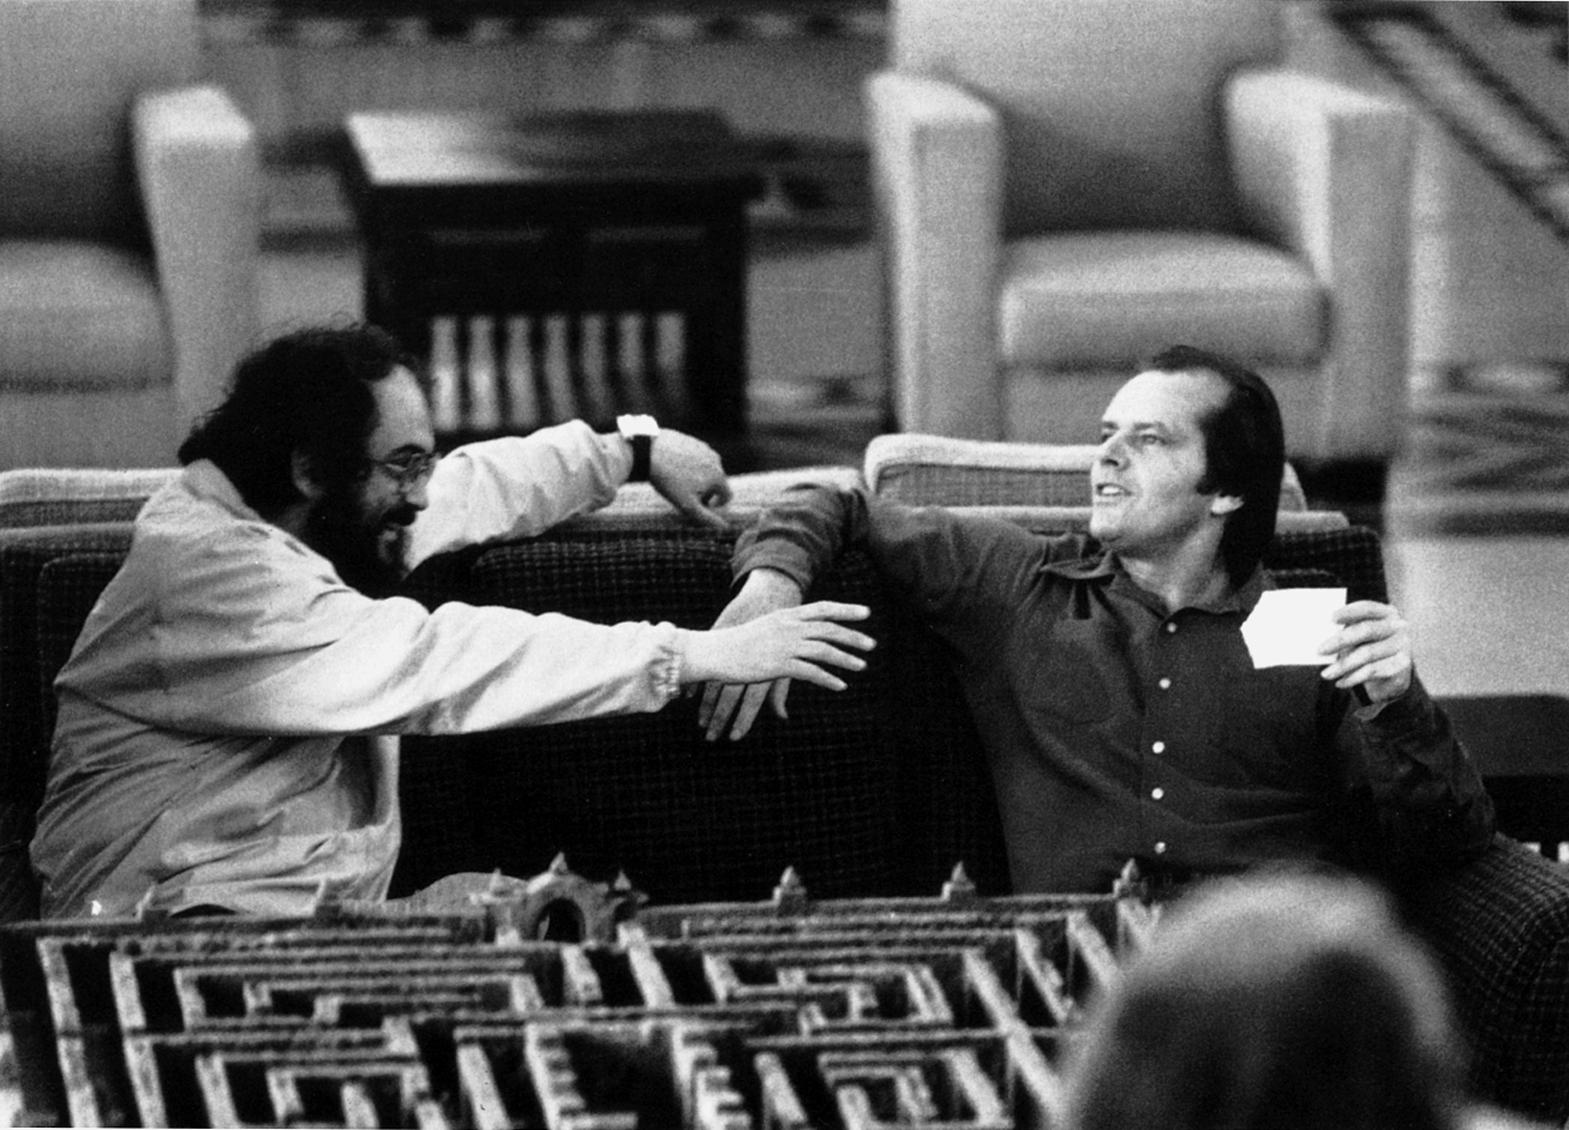 Stanley Kubrick et Jack Nicholson sur le tournage de Shining (GB/USA 1980).